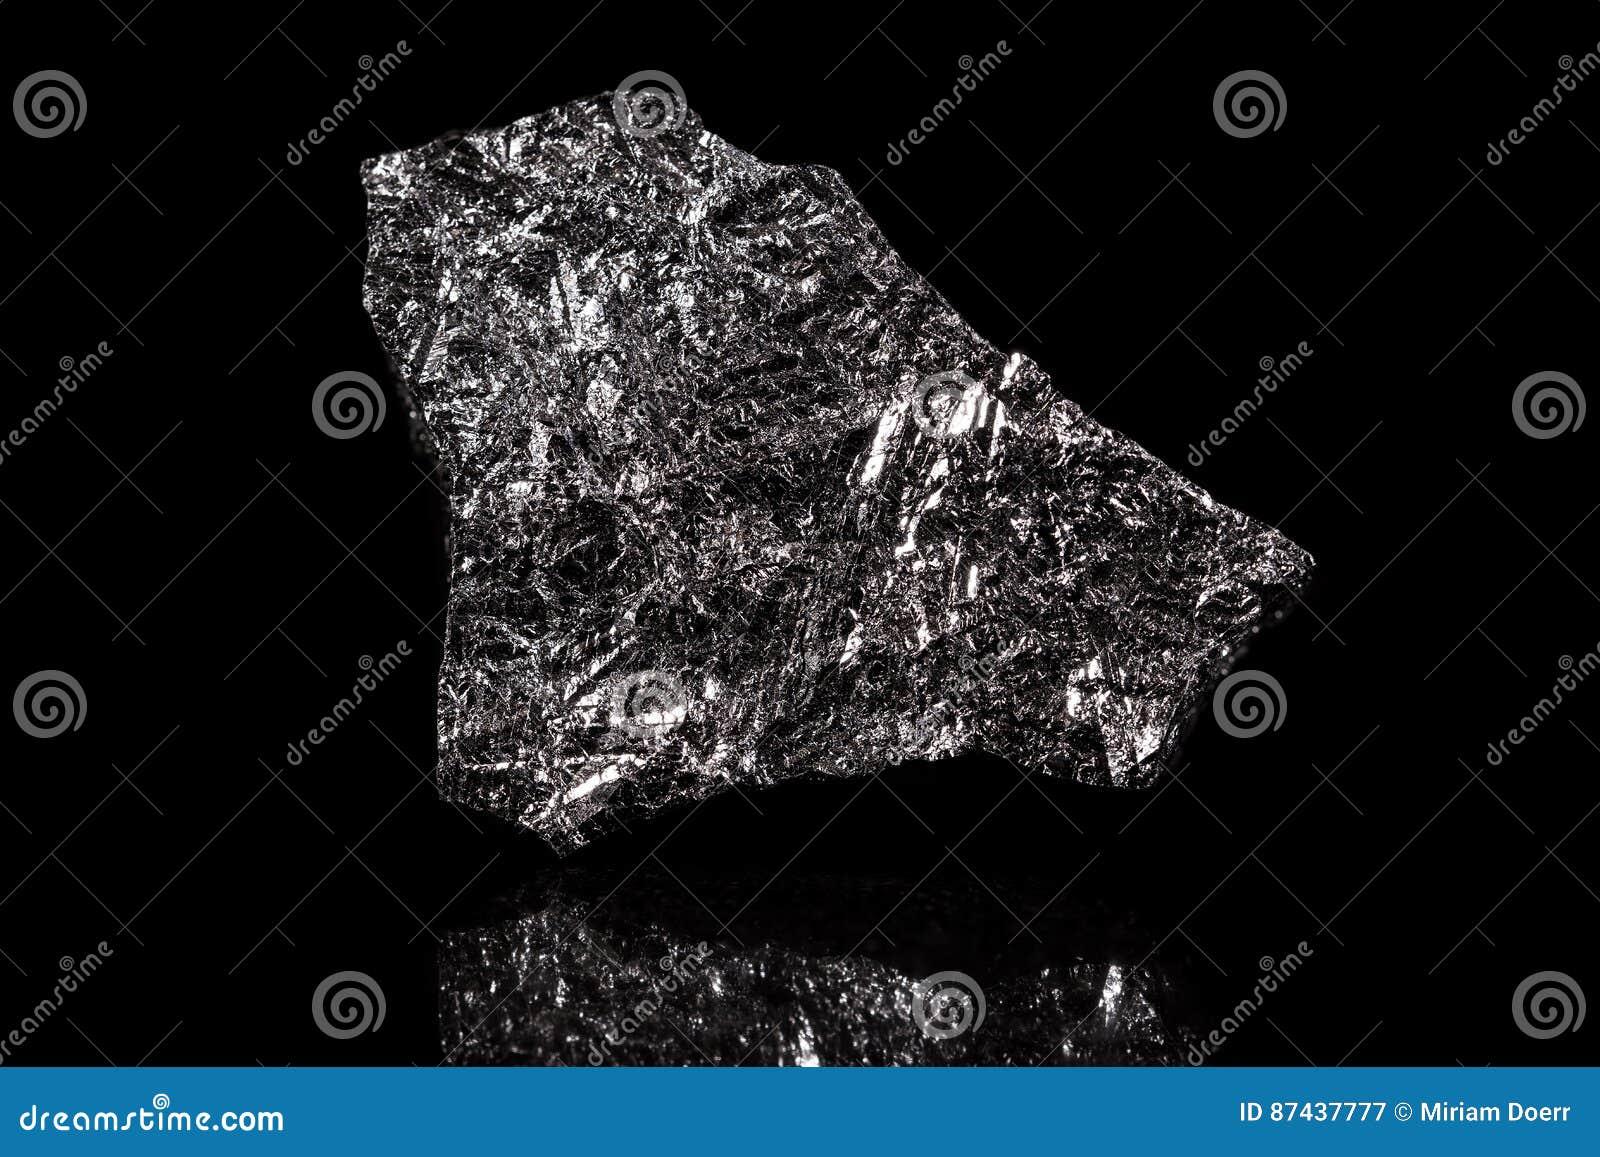 Камень кремния, химический элемент, черная предпосылка